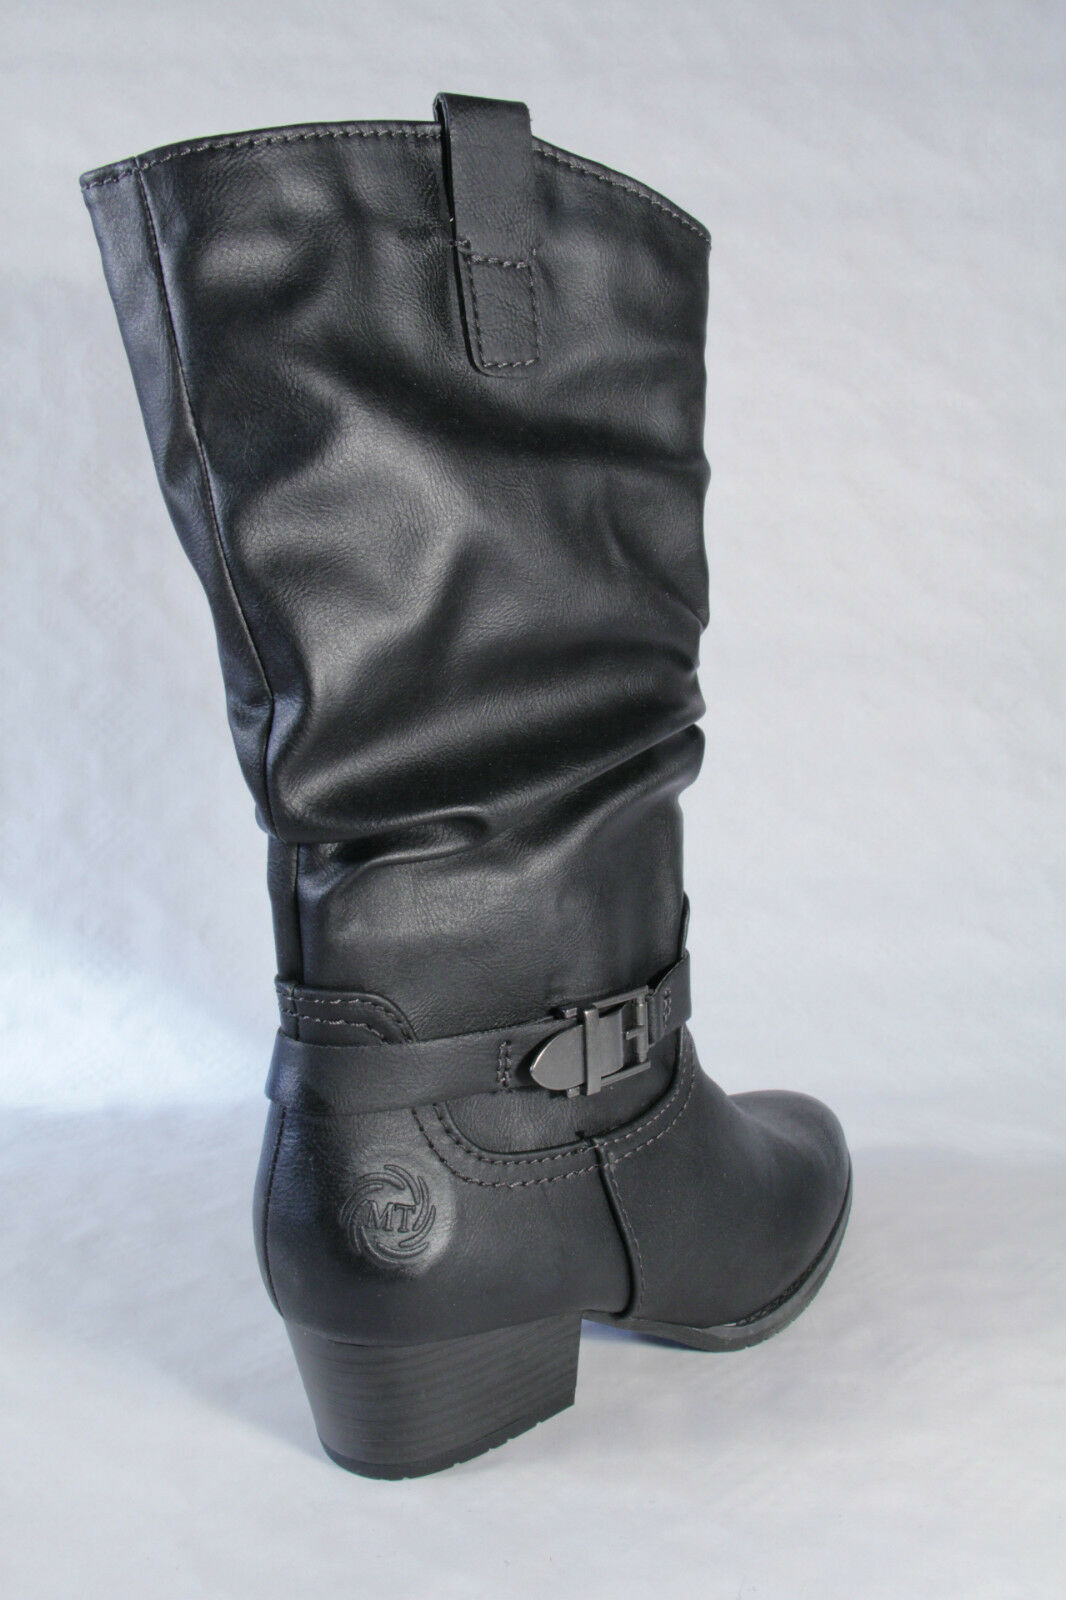 Marco Tozzi Damen Damen Damen Stiefel Stiefeletten schwarz, leicht gefüttert, RV, 25335 NEU  b7c5b7